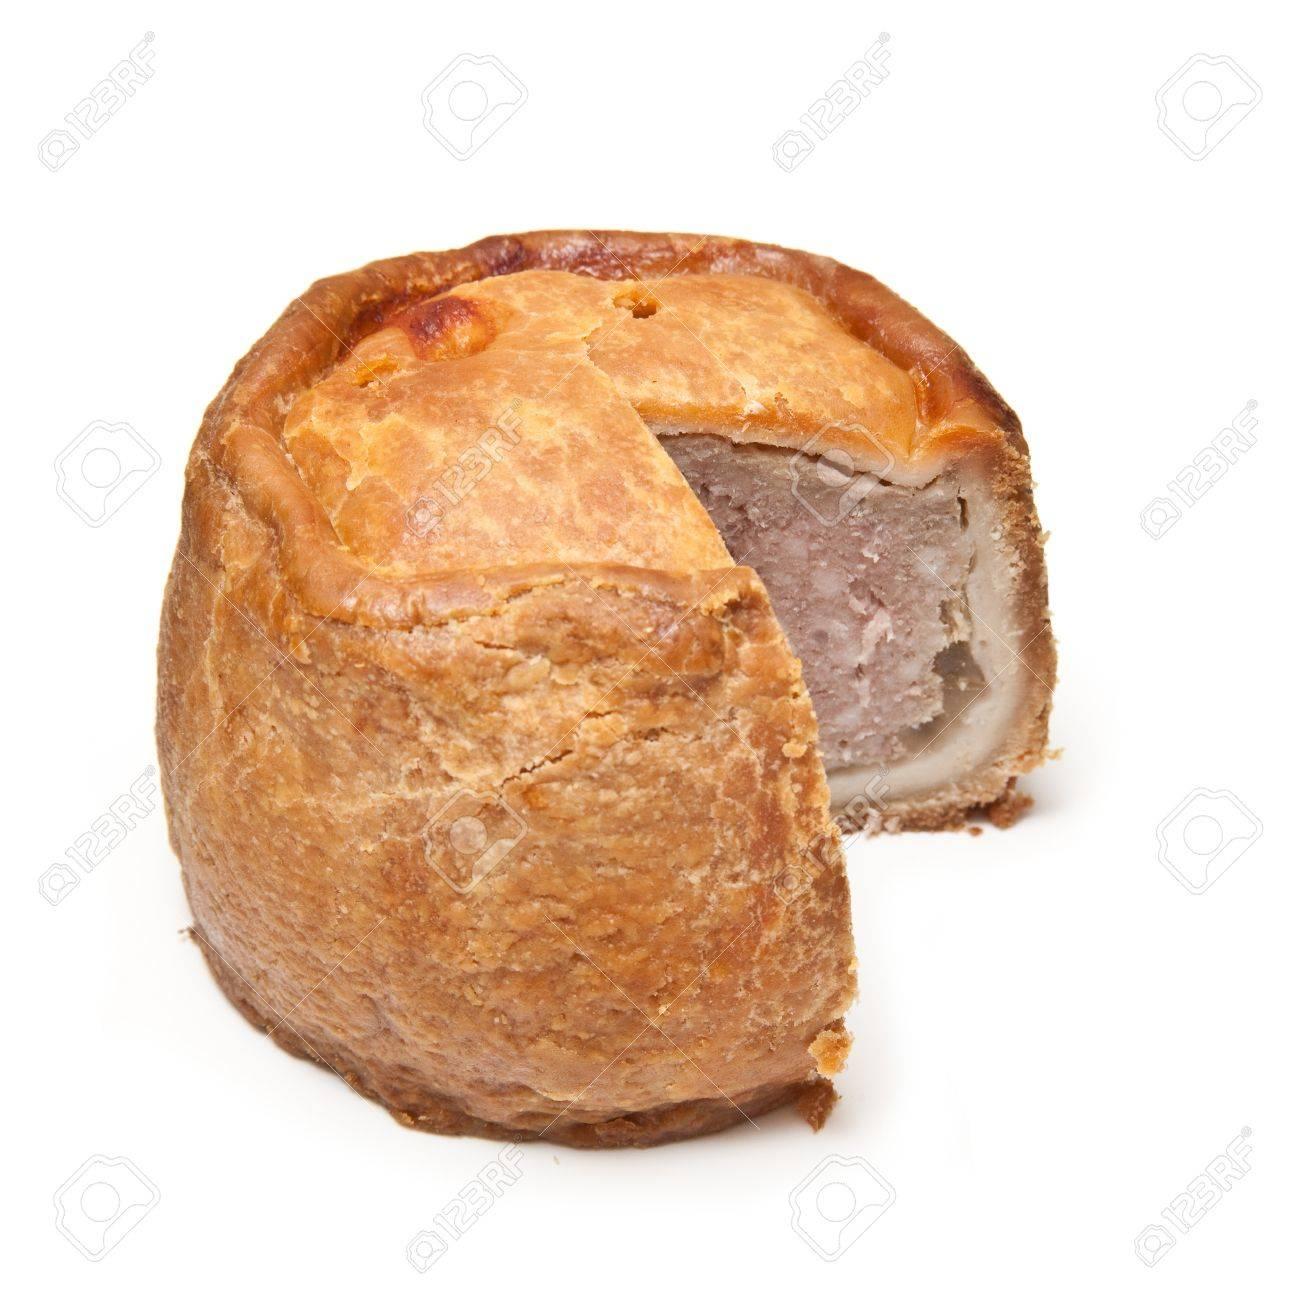 Melton Mowbray pork pie  isolated on a white studio background. Stock Photo - 16538432